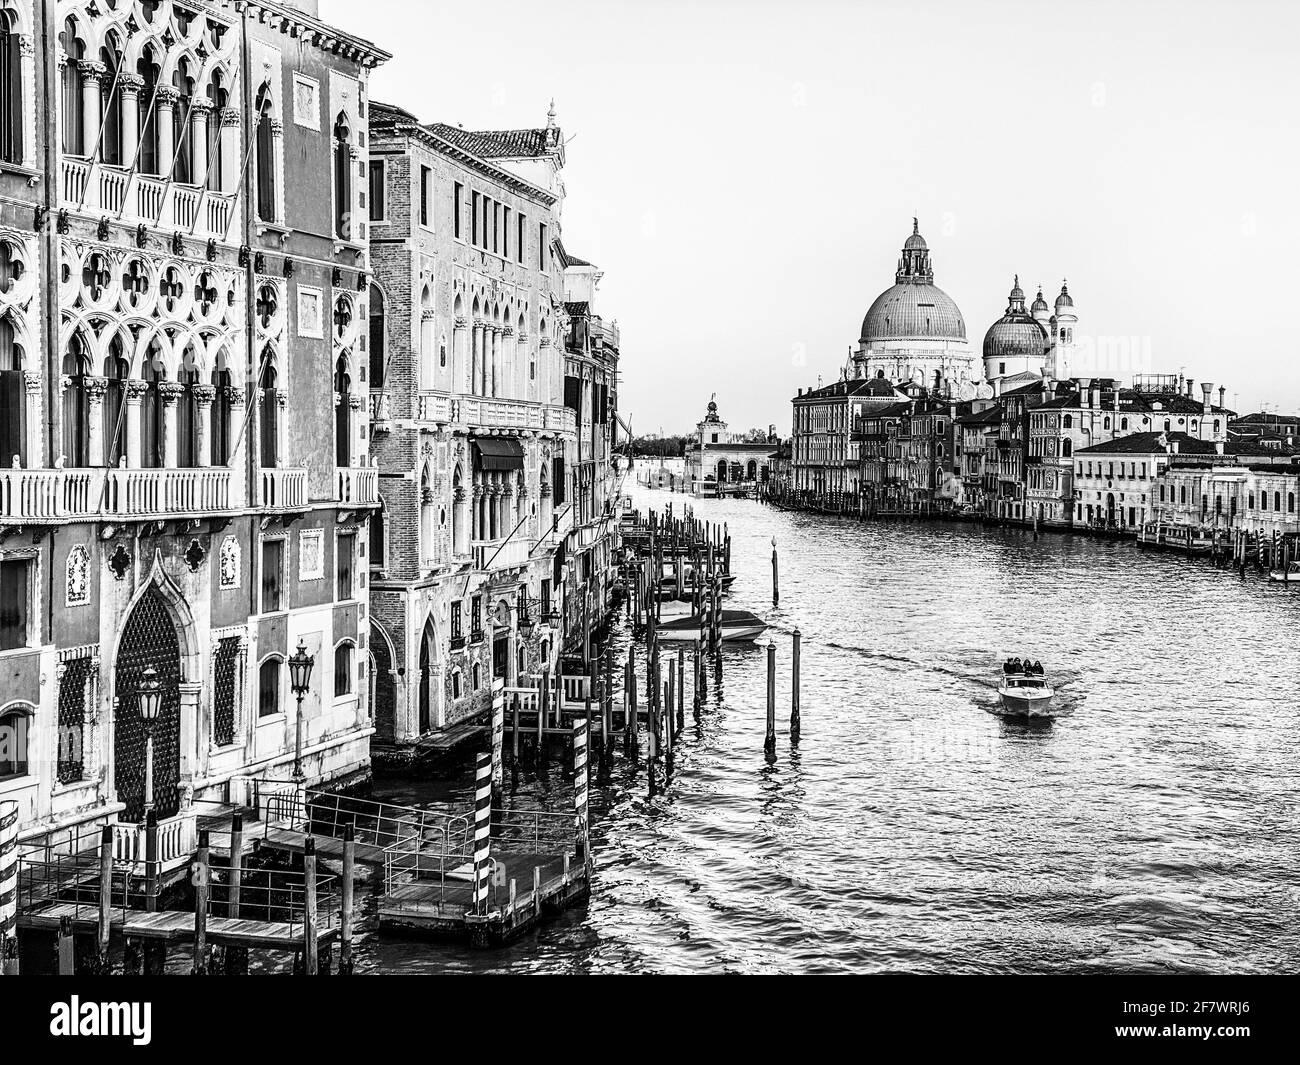 Vista in bianco e nero del Canal Grande e della Basilica di Santa Maria della Salute dal Ponte dell'Accademia di Venezia Foto Stock